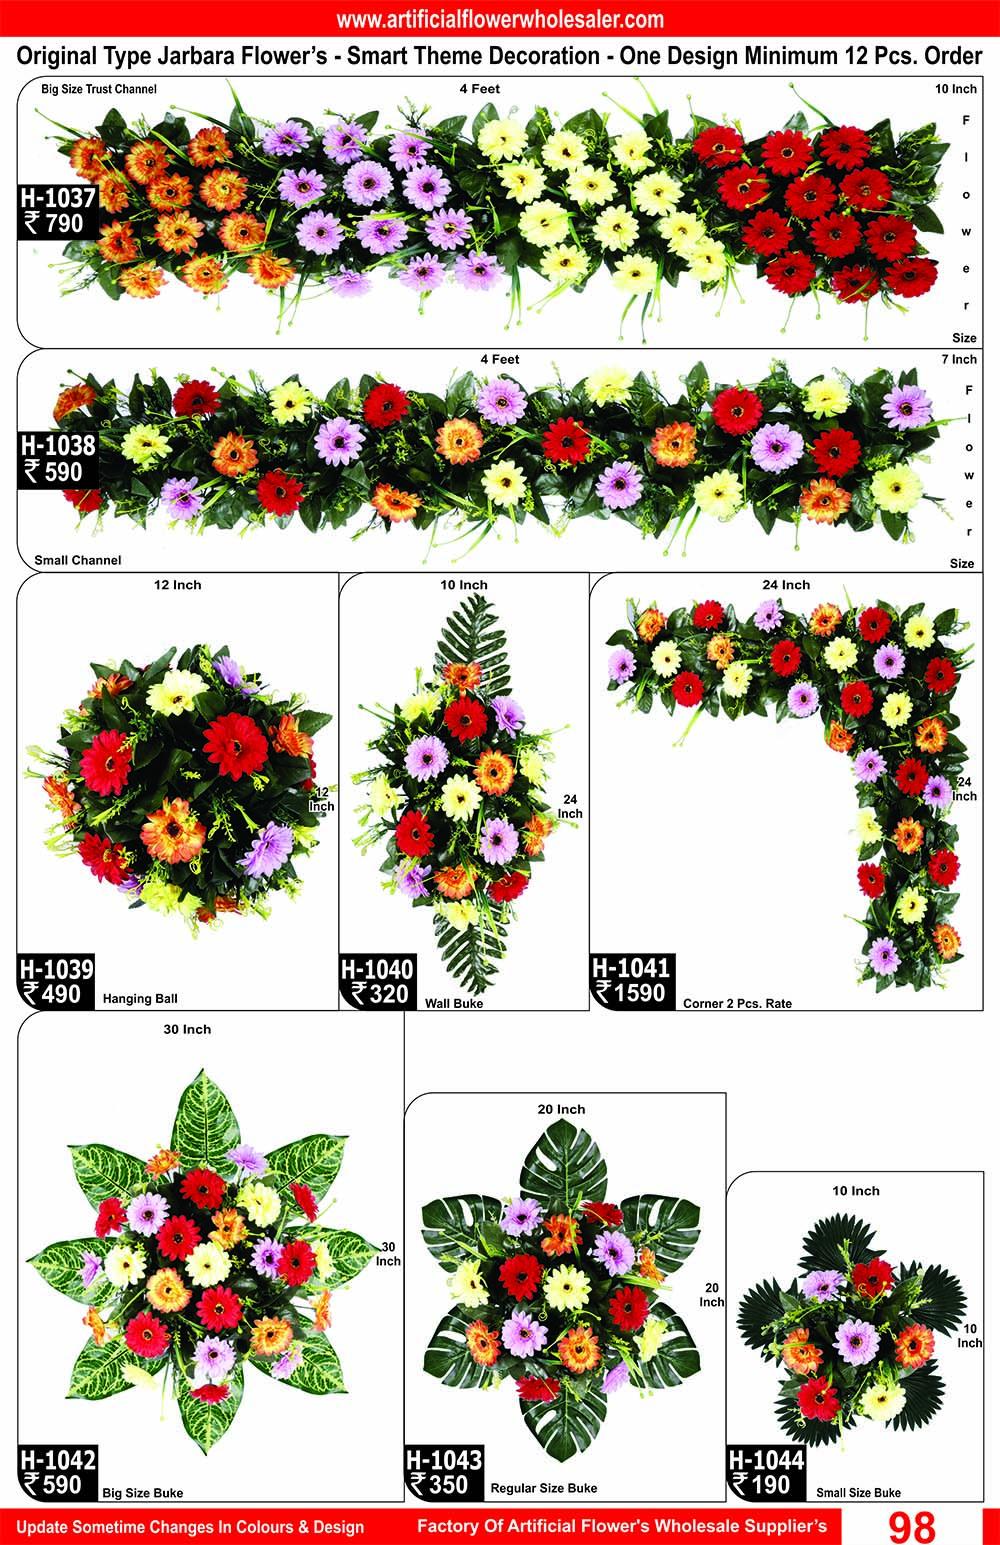 98-artificial-flower-wholesaler